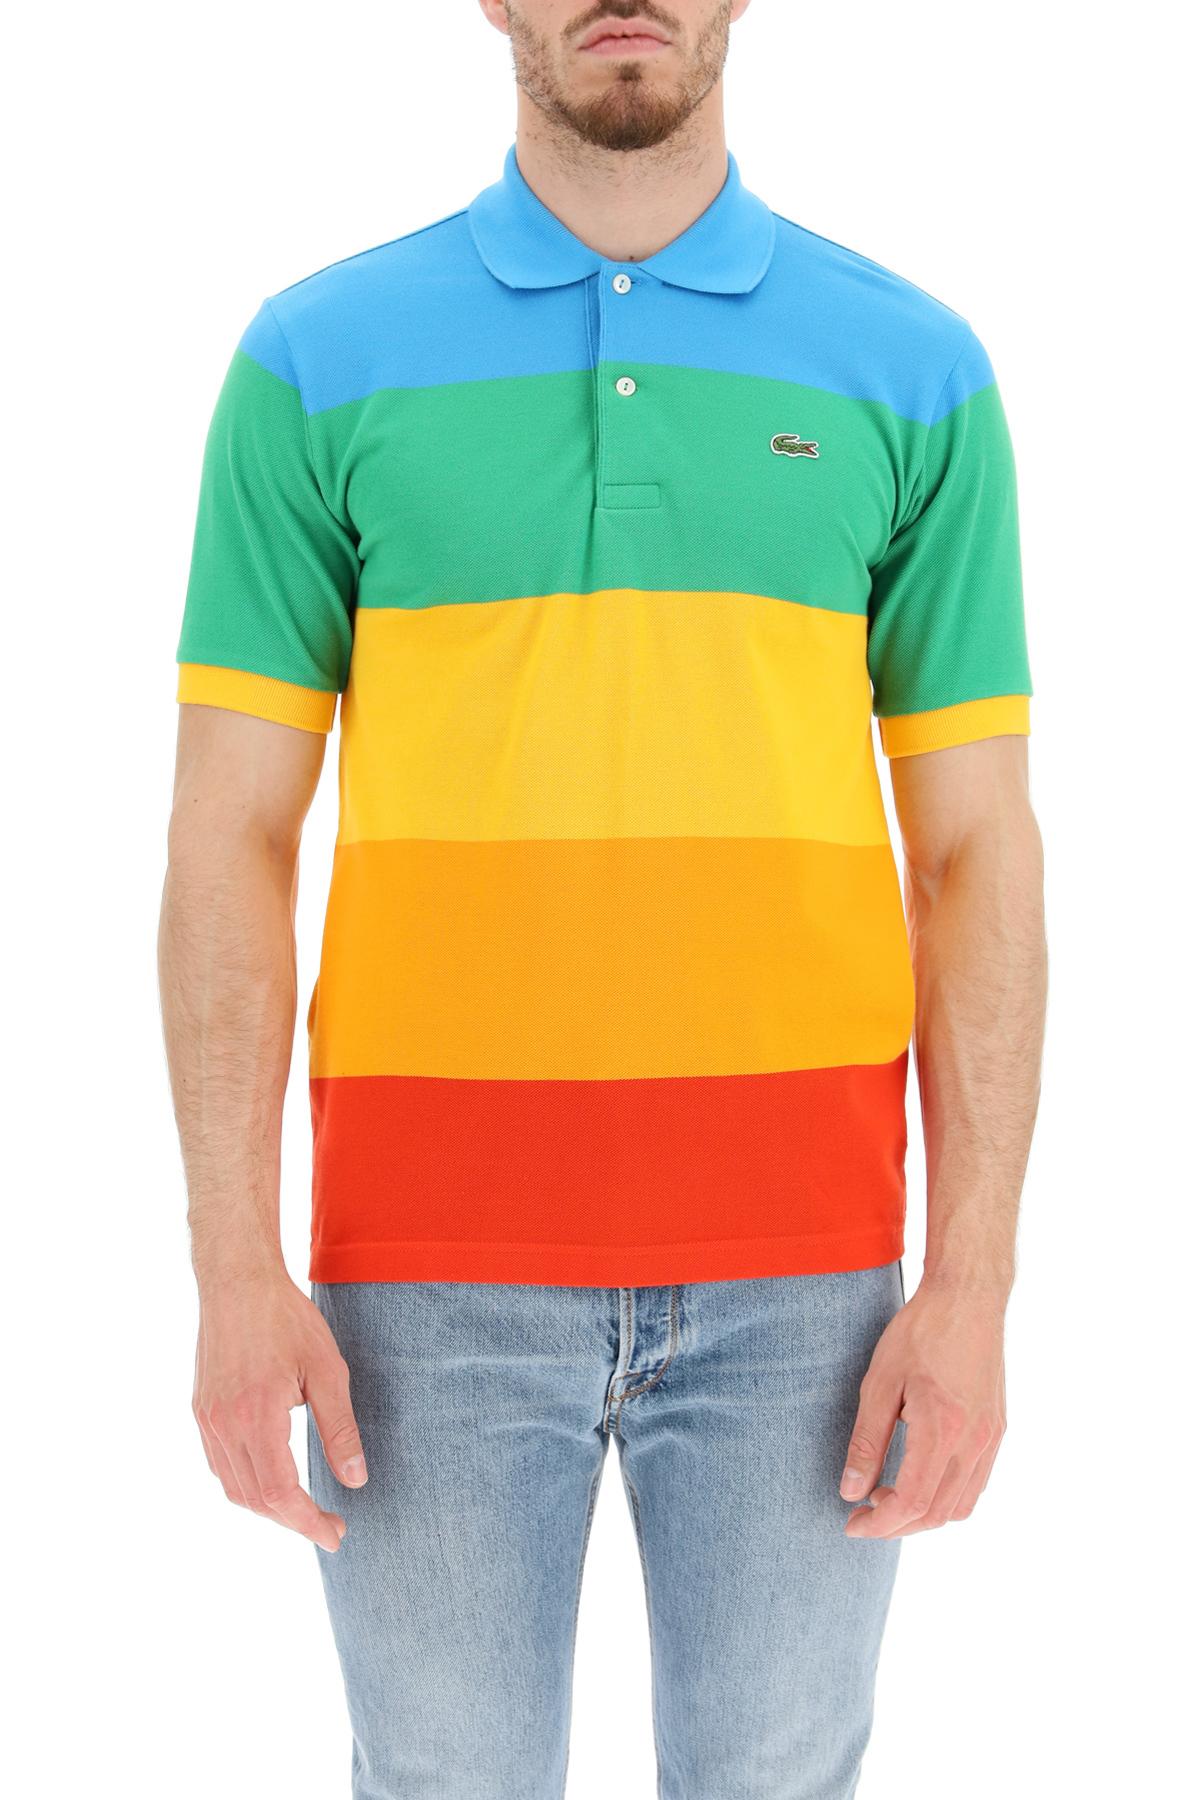 Lacoste x polaroid polo rainbow lacoste x polaroid